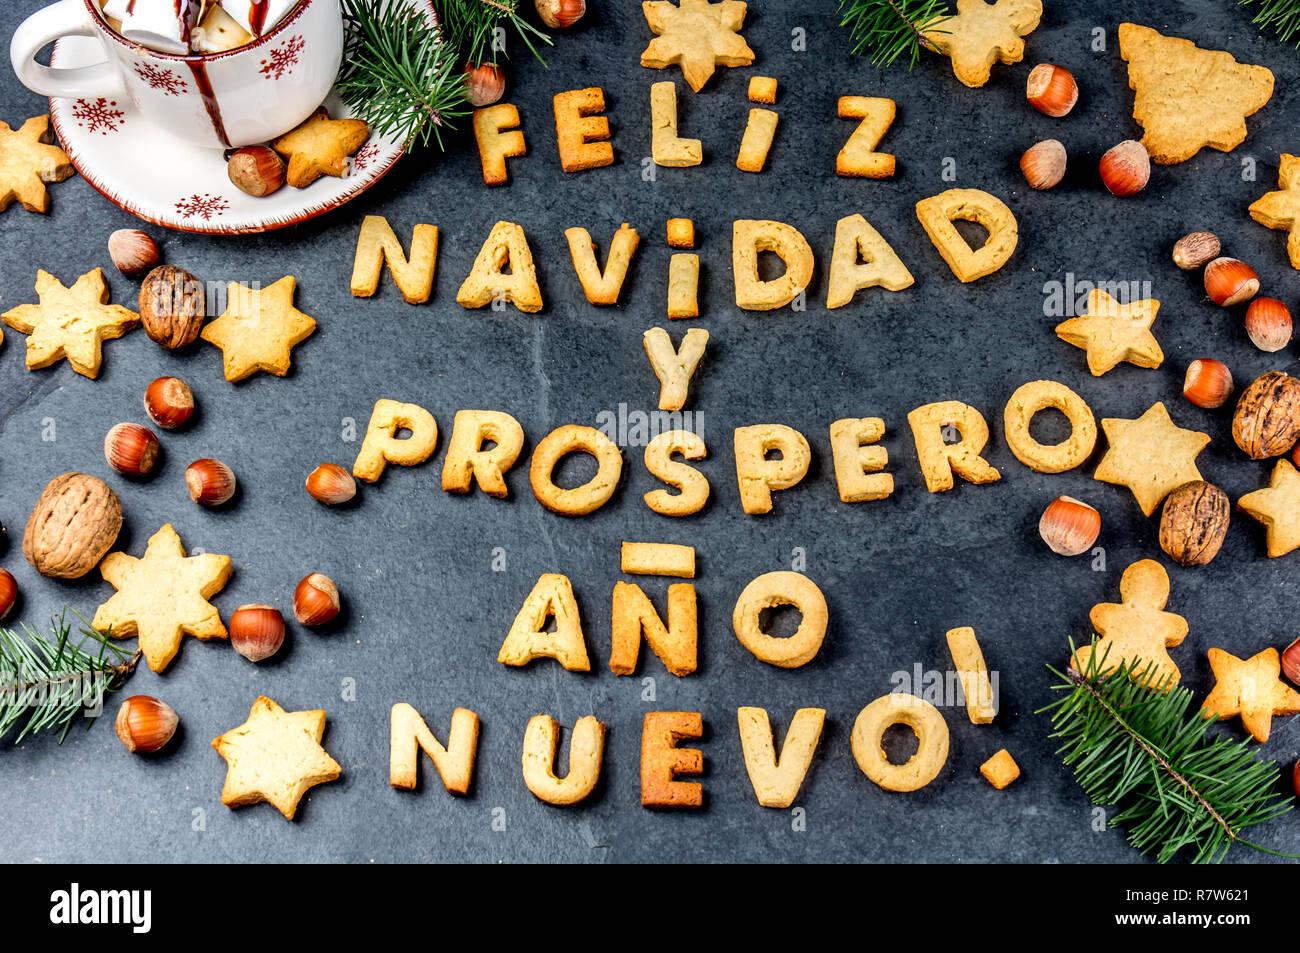 FELIZ NAVIDAD EN ESPAÑOL LAS COOKIES. Palabras Feliz Navidad y feliz año nuevo en Español con galletas, tarjeta de Navidad para los países de habla hispana vista superior Imagen De Stock